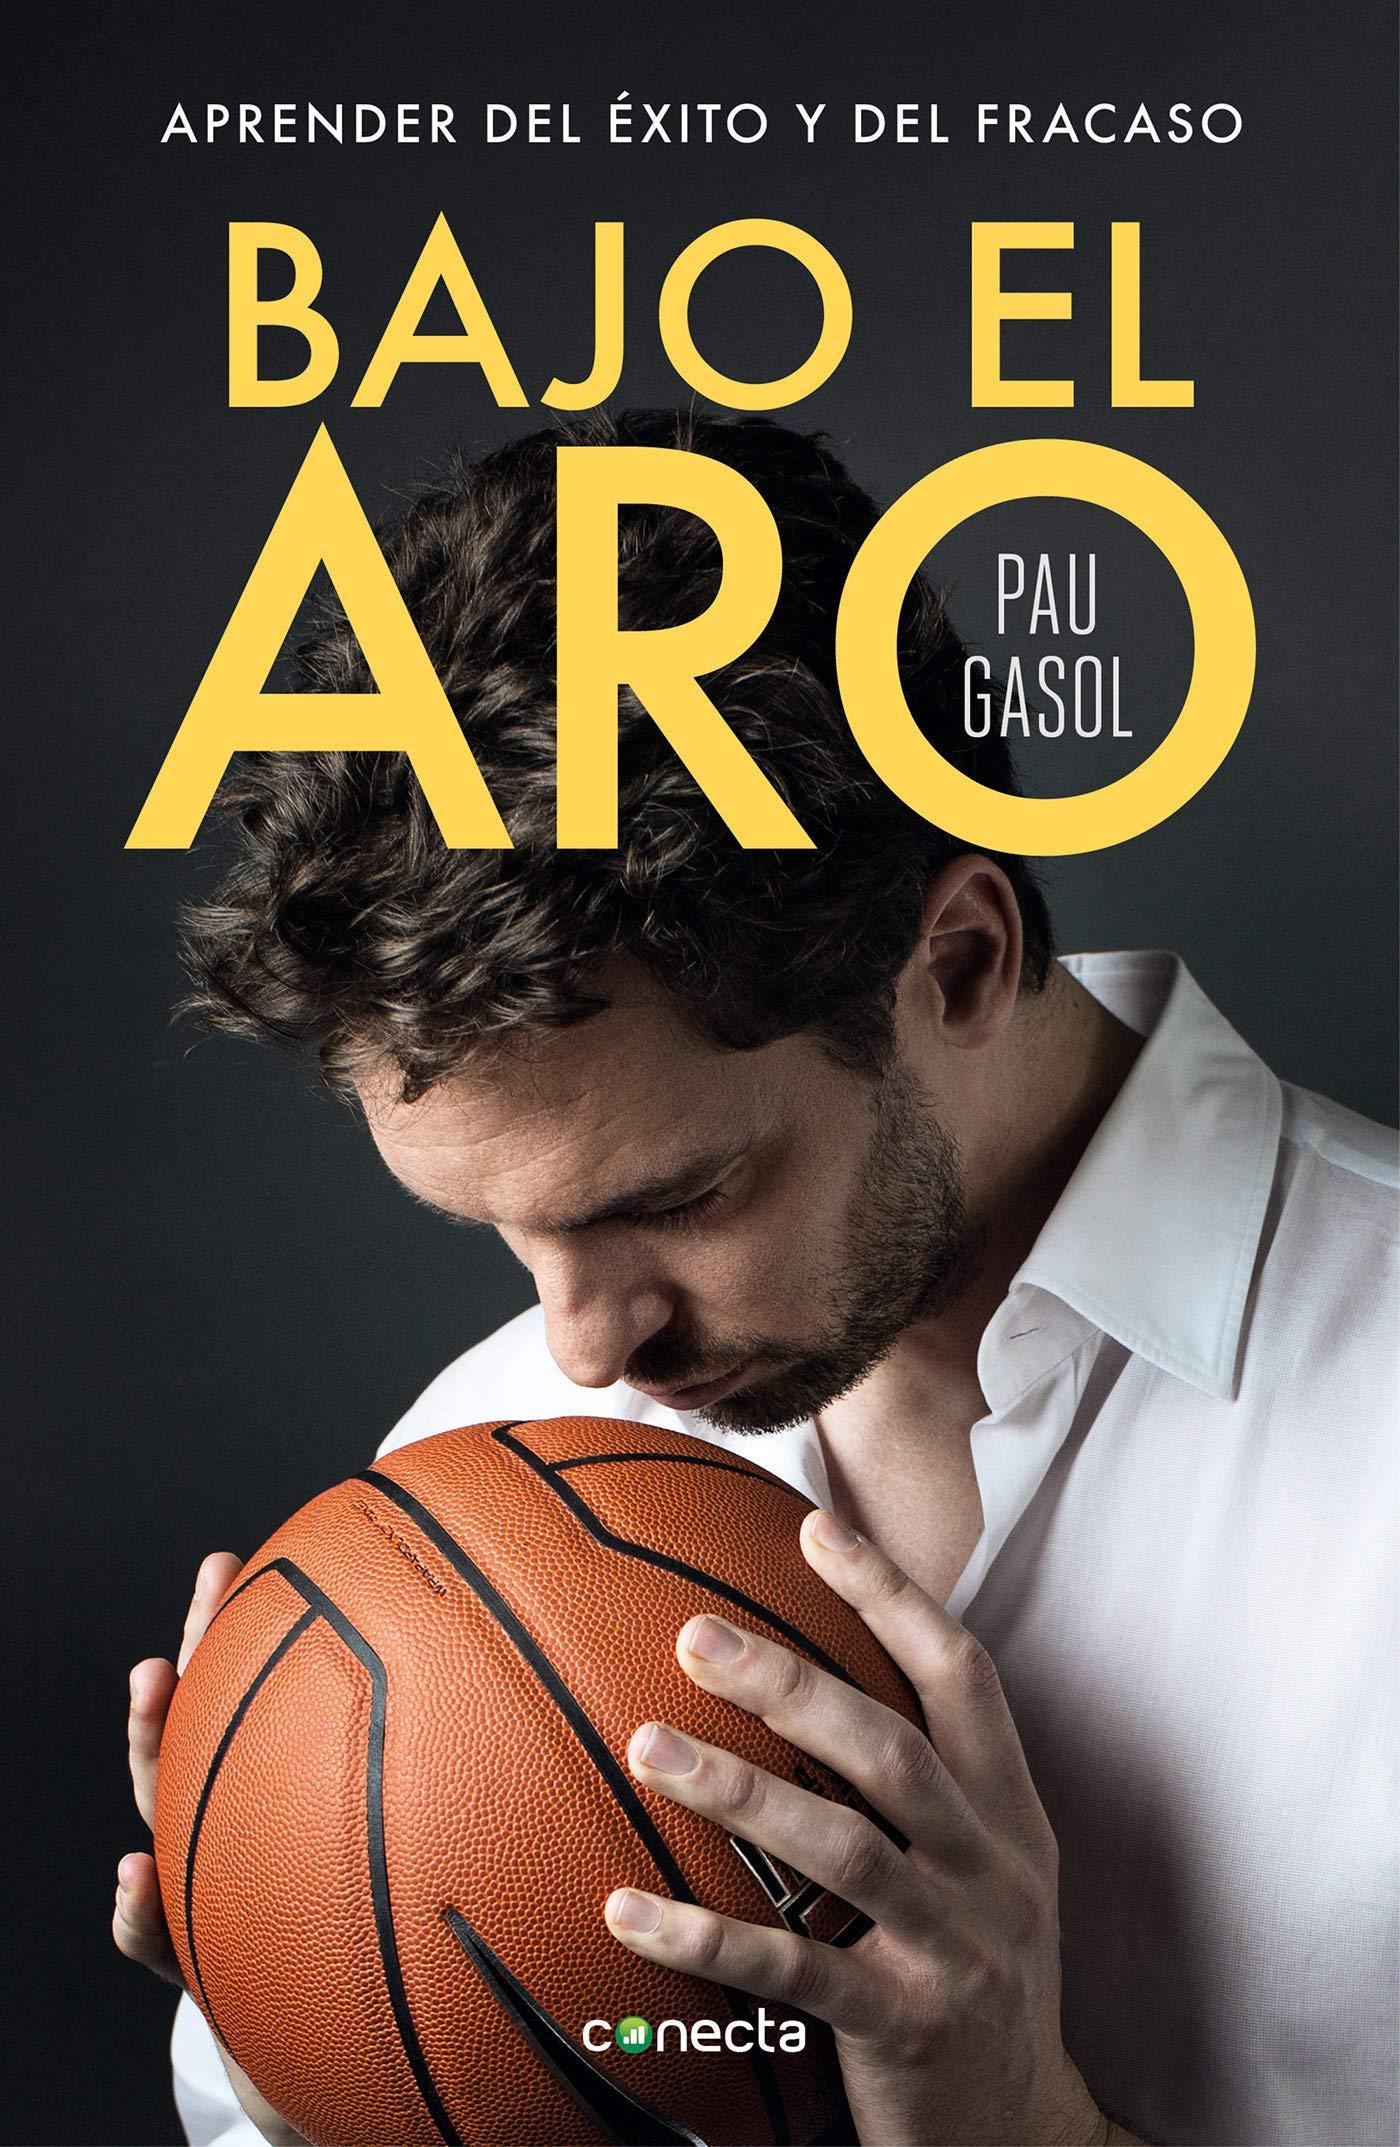 Bajo el aro (Pau Gasol, 2018)